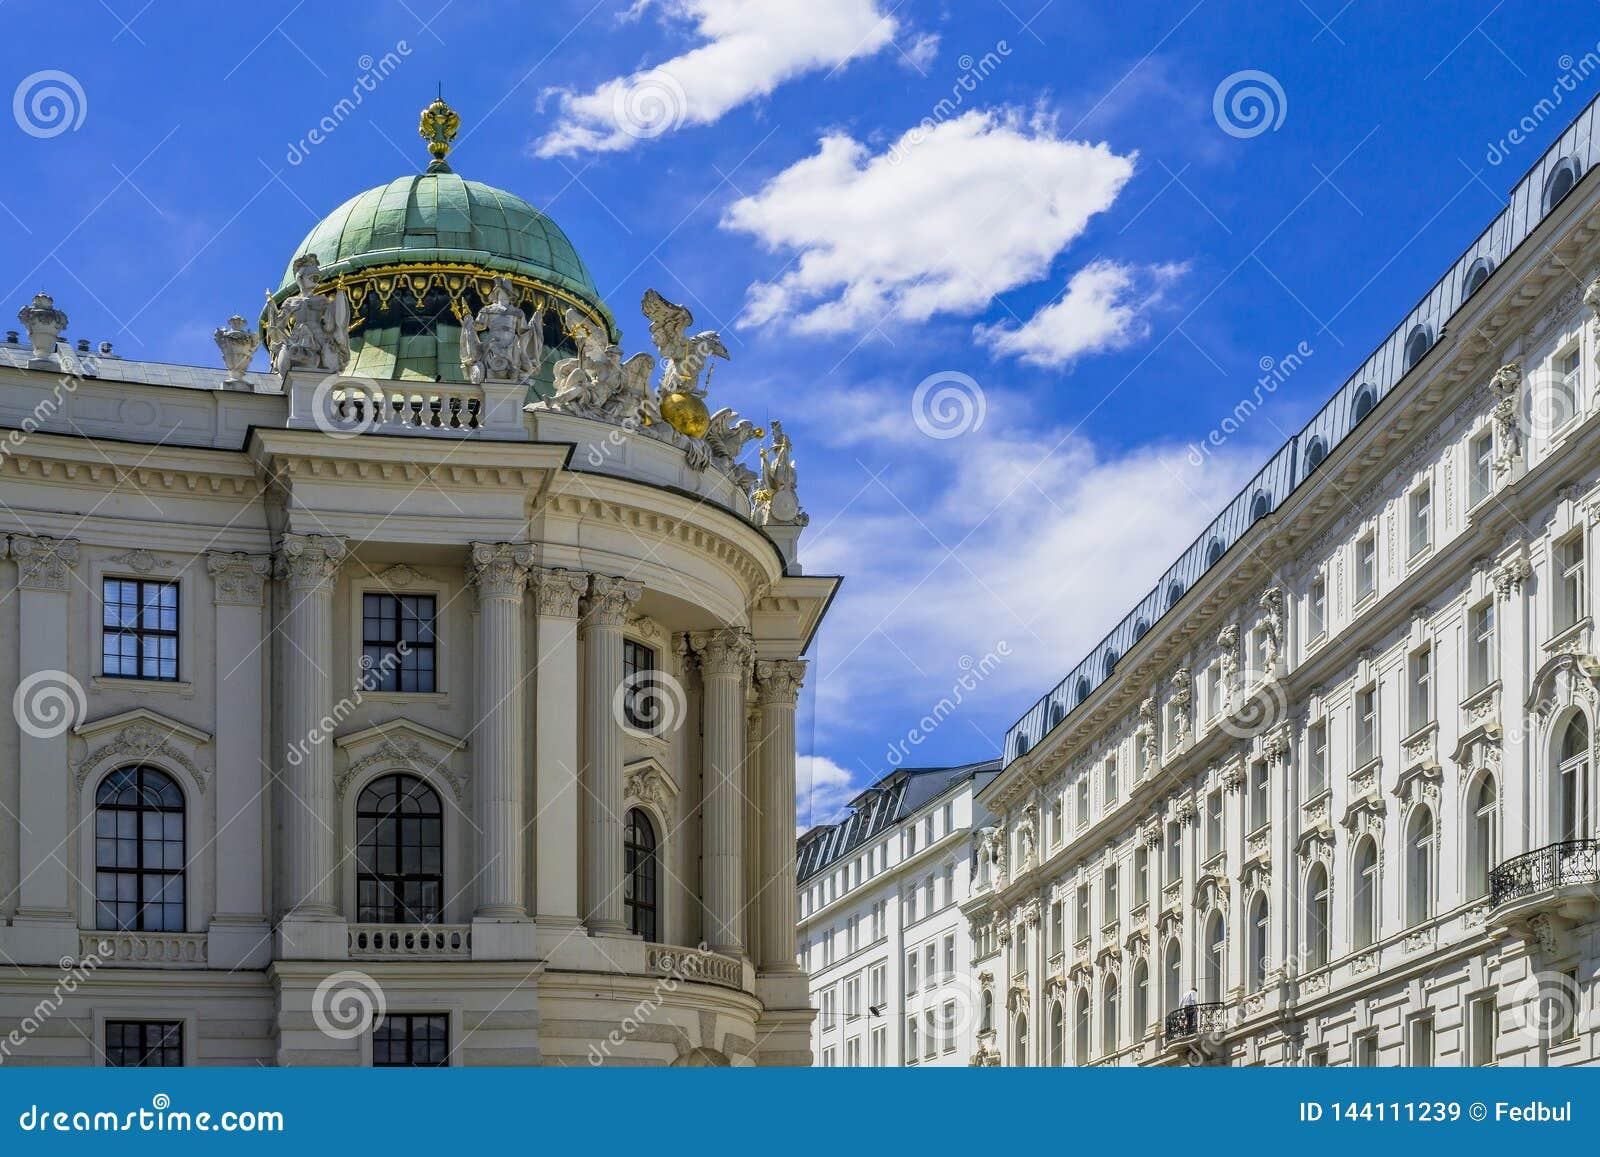 Παλάτι Hofburg σε Michaelerplatz, ορόσημο αυτοκρατοριών του Habsbourg στη Βιέννη, Αυστρία